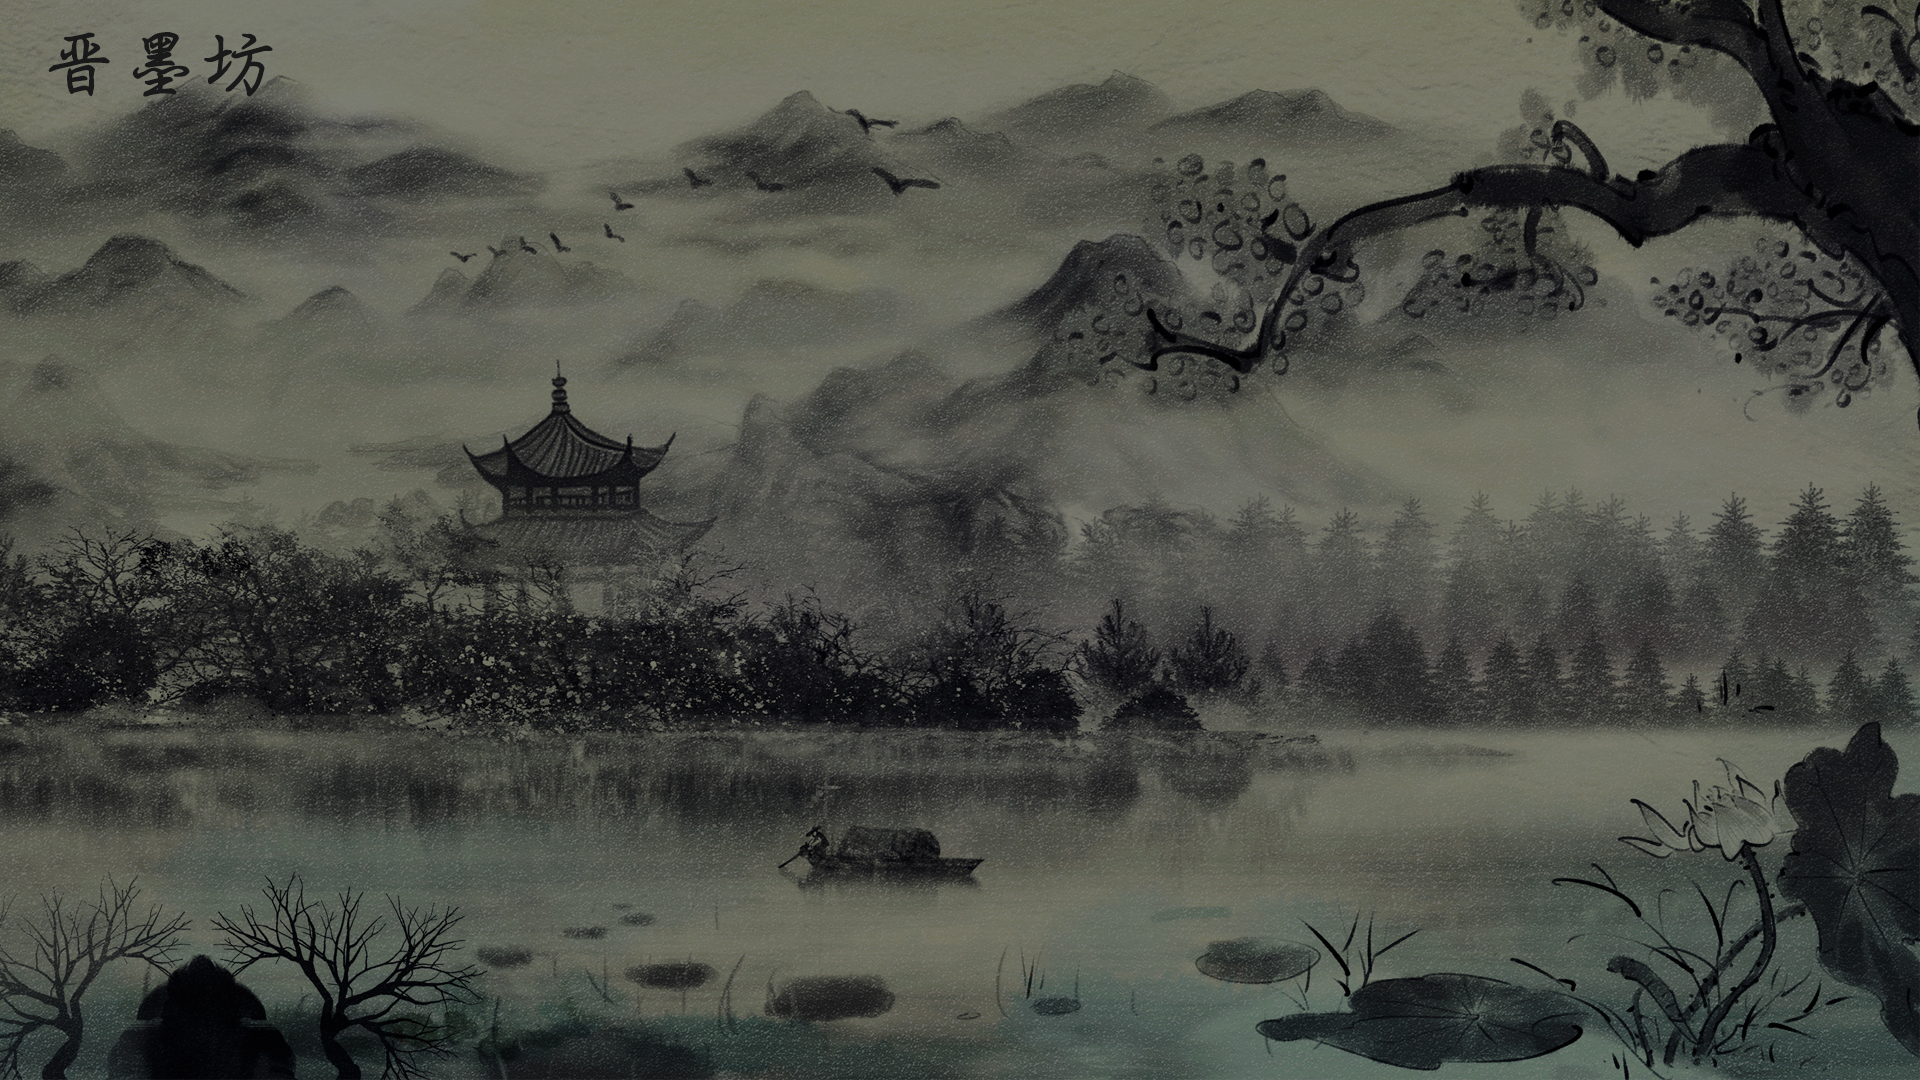 沂蒙文化之美引爆第八届山东国际文化产业博览交易会